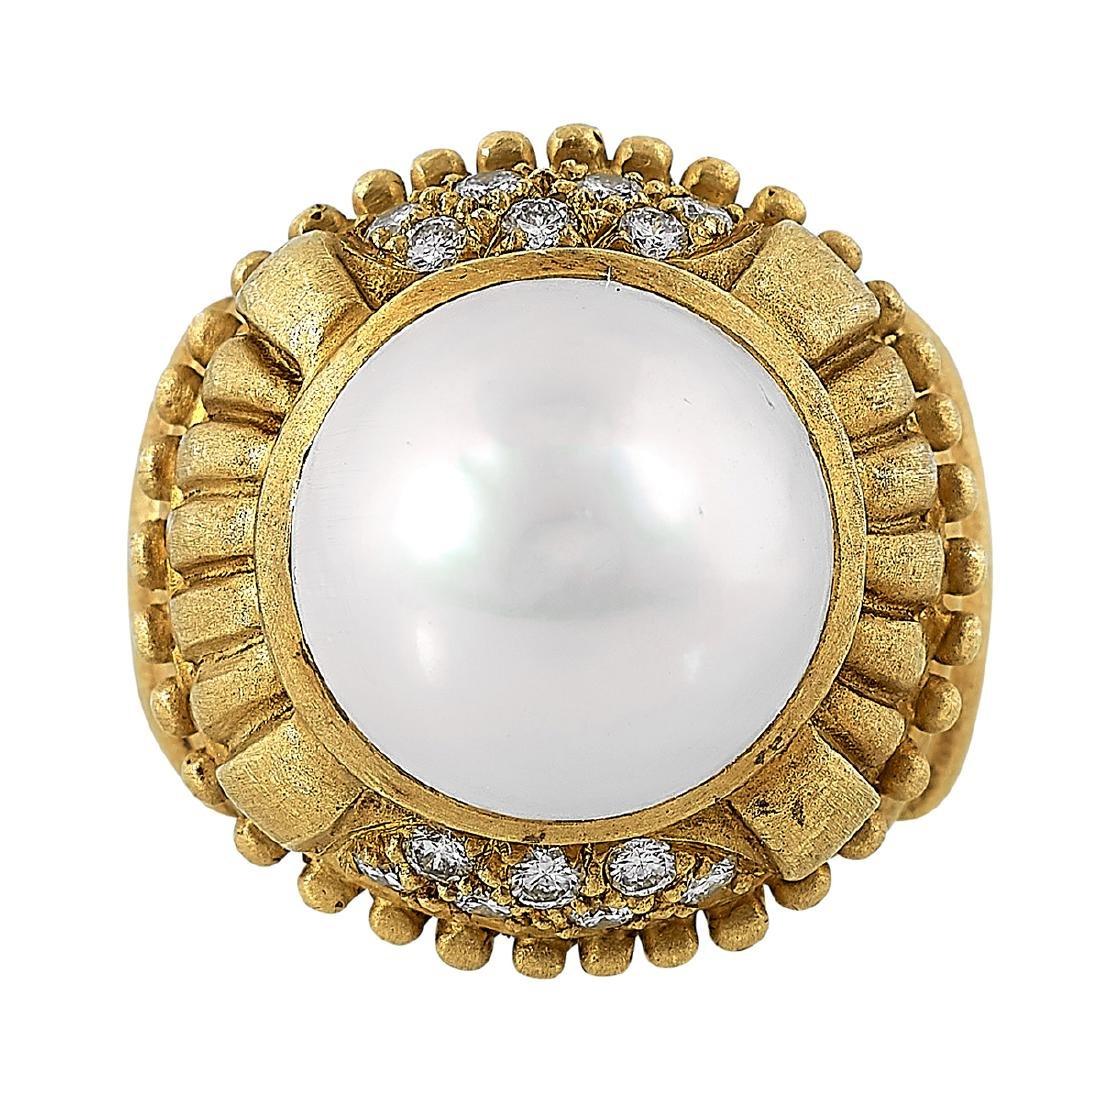 Doris Panos, 18K Yellow Gold Ladies Ring, Size 7 - 2